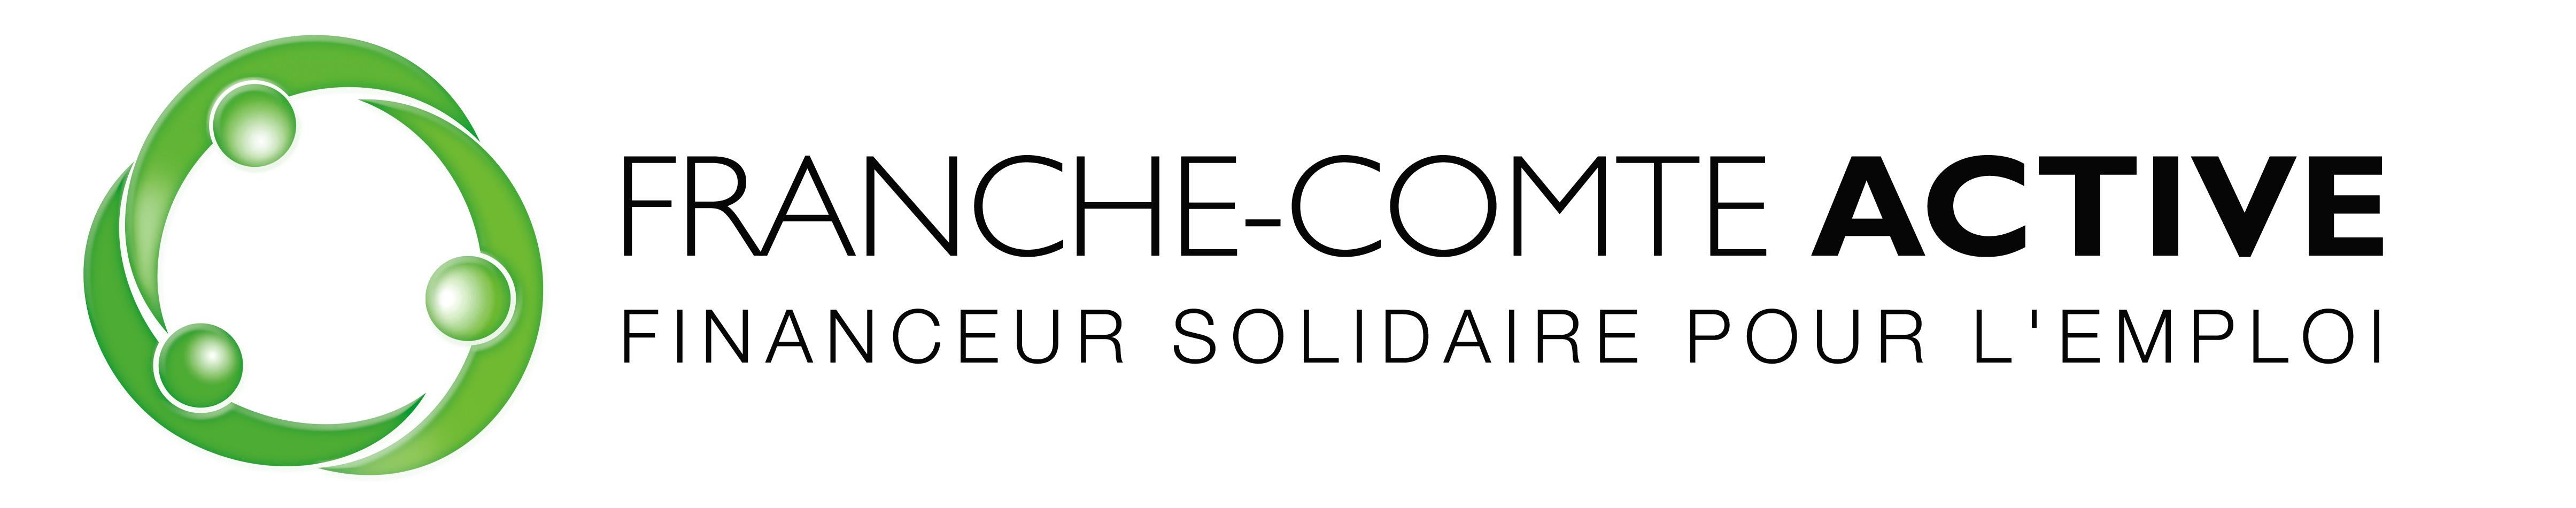 logo FRANCHECOMTE